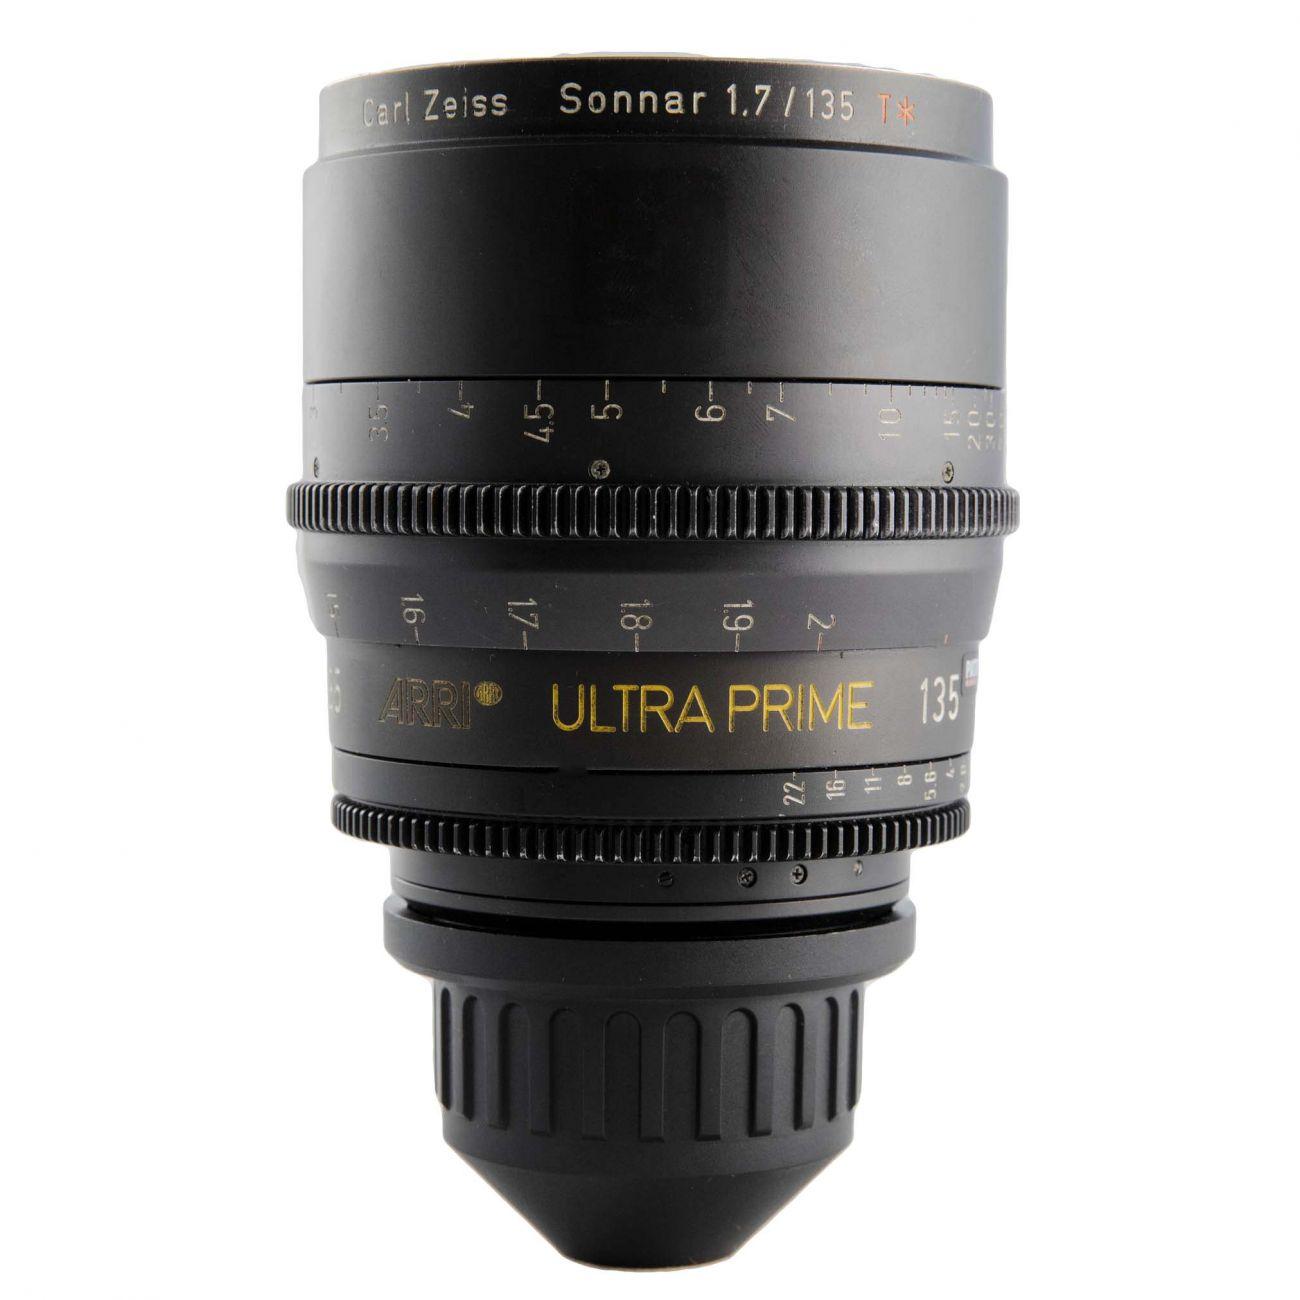 135mm ARRI ULTRA PRIME Lens T1.9